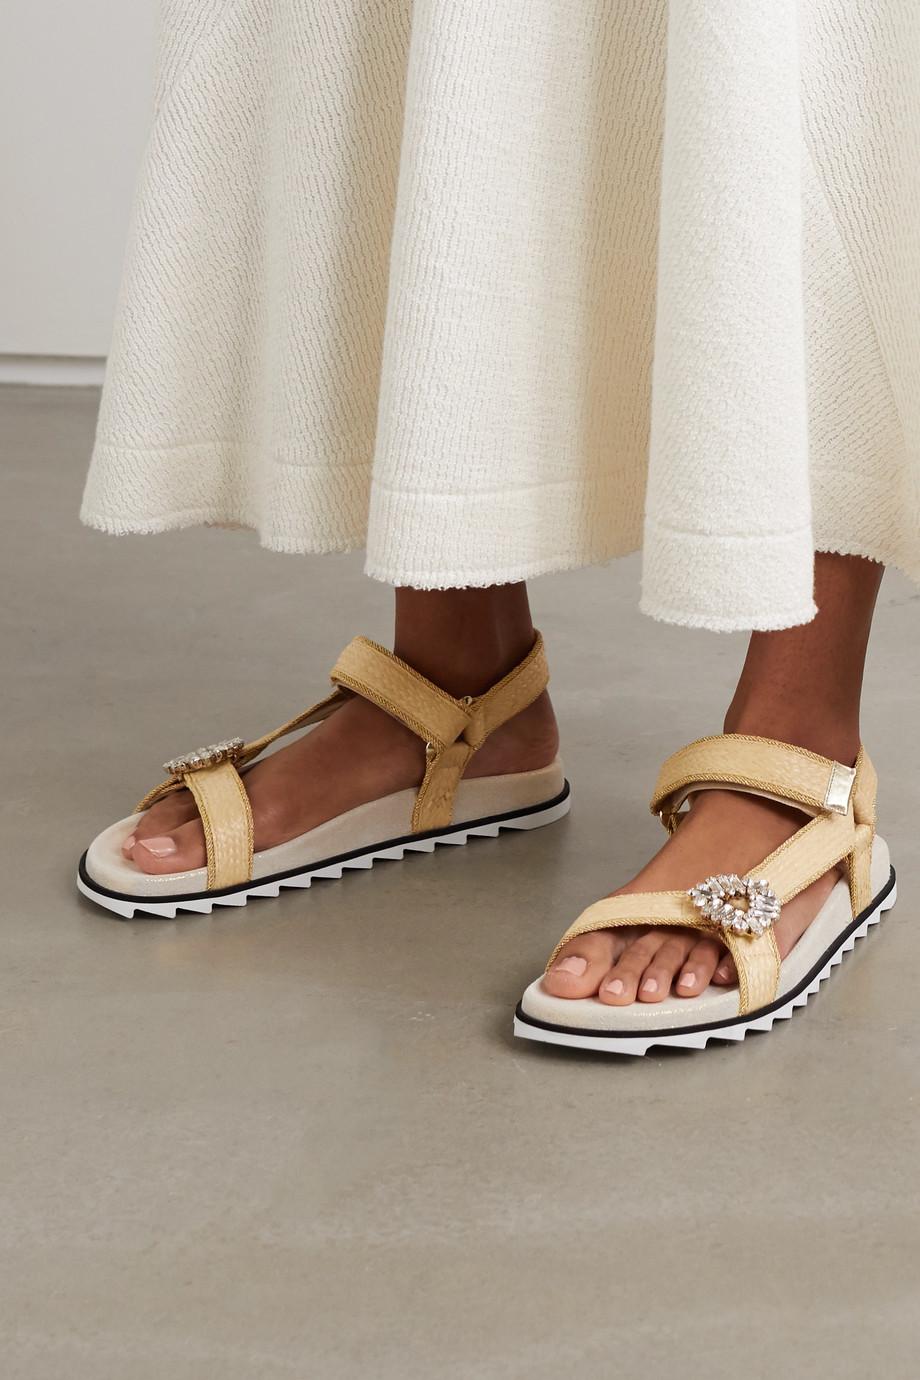 Roger Vivier Slidy Espa crystal-embellished raffia sandals